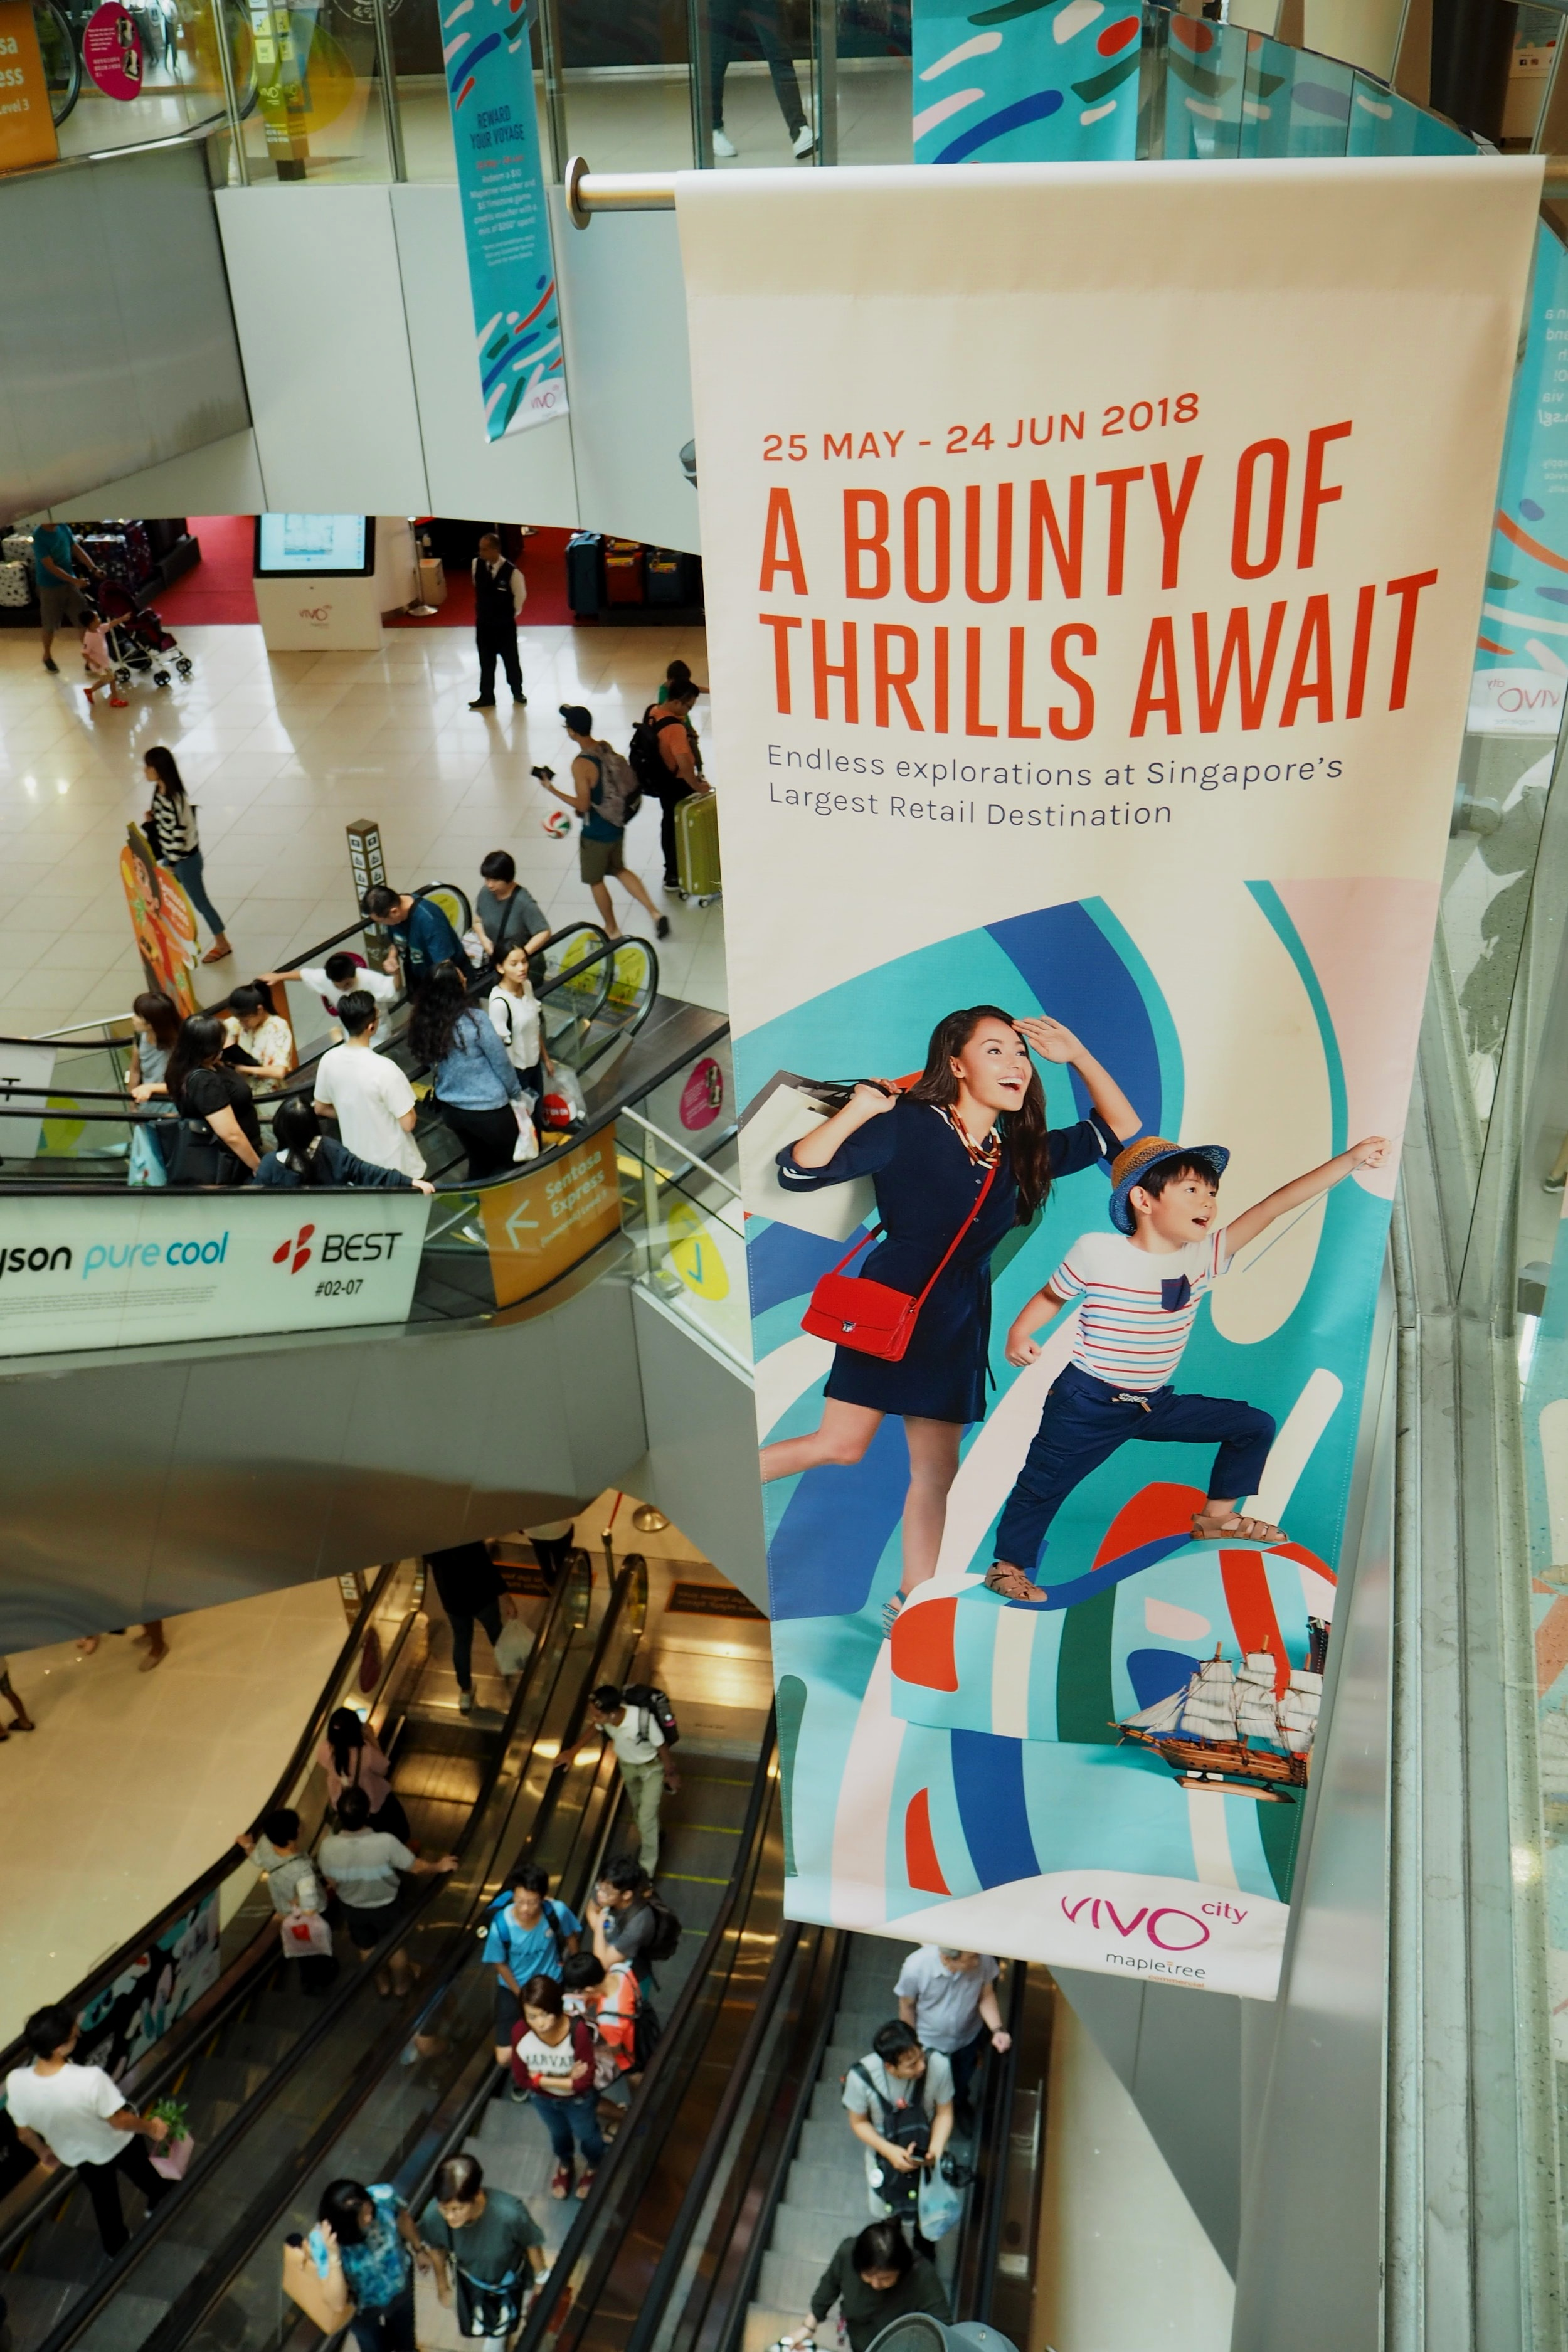 outeredit vivocity atrium banners